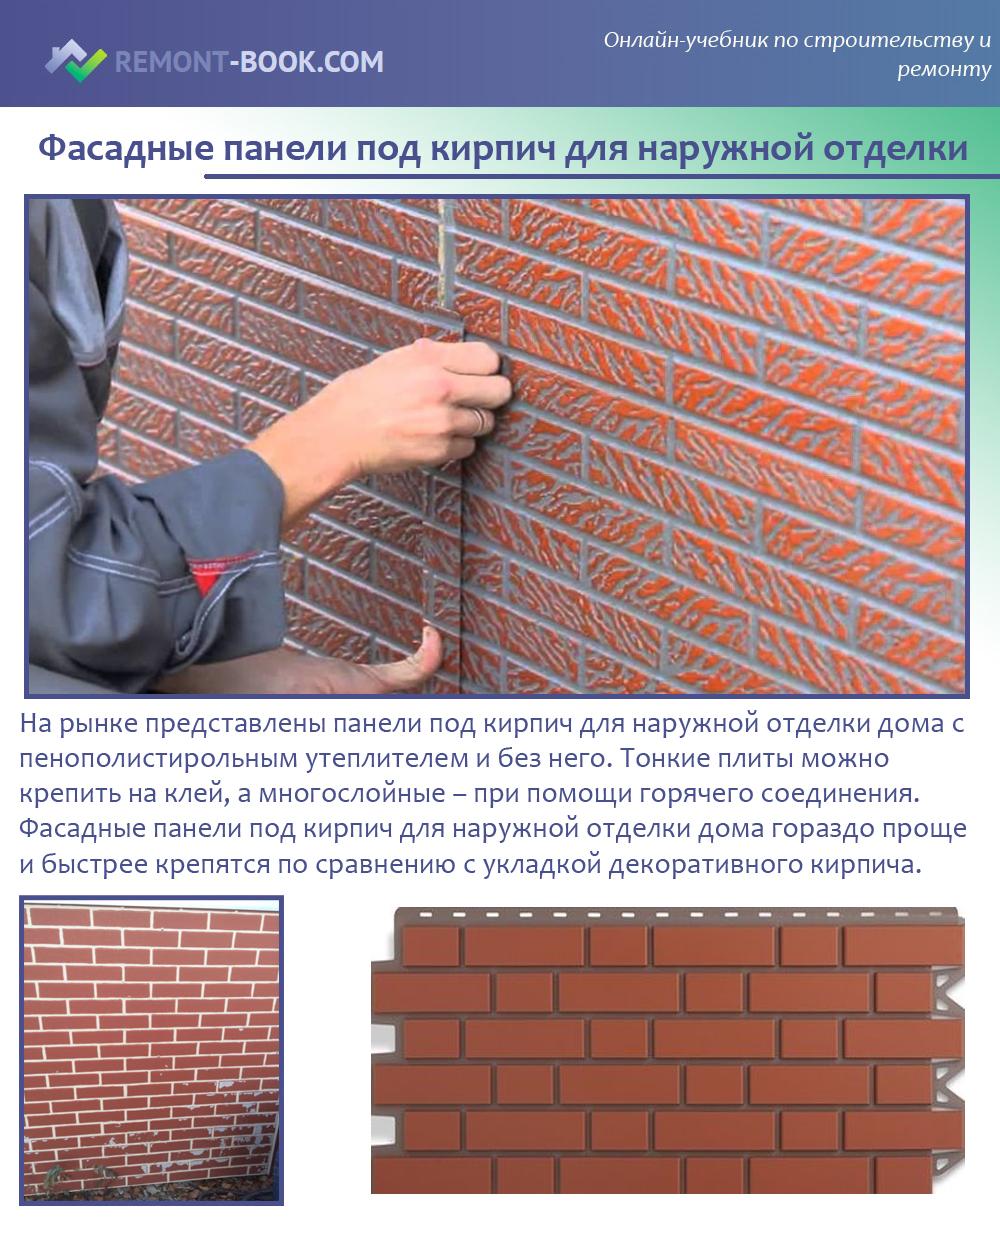 Фасадные панели с утеплителем для наружной отделки: виды панелей, особенности монтажа